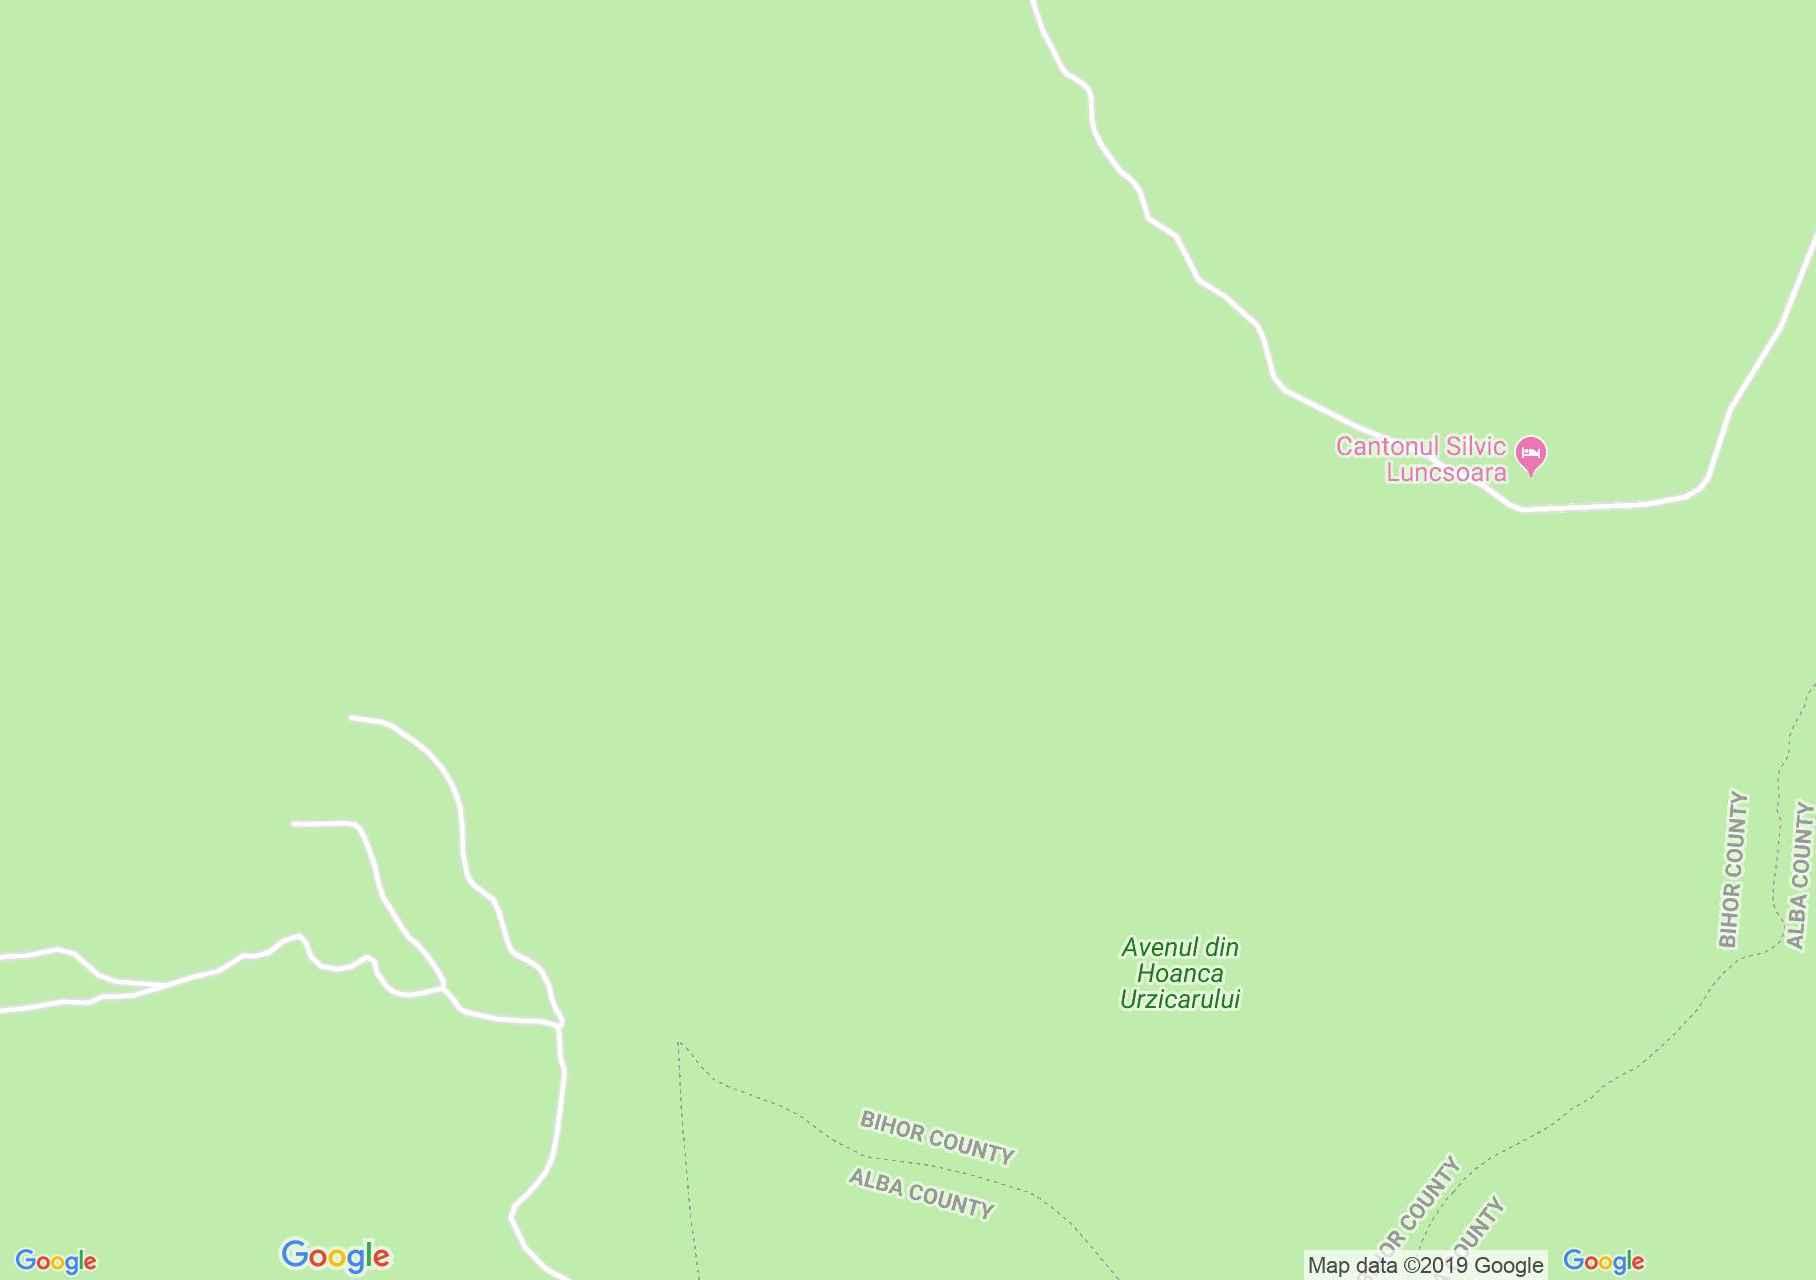 Bihar-Vlegyásza, Erdélyi-szigethegység: Hoanca Urzicarilor zsomboly (térkép)